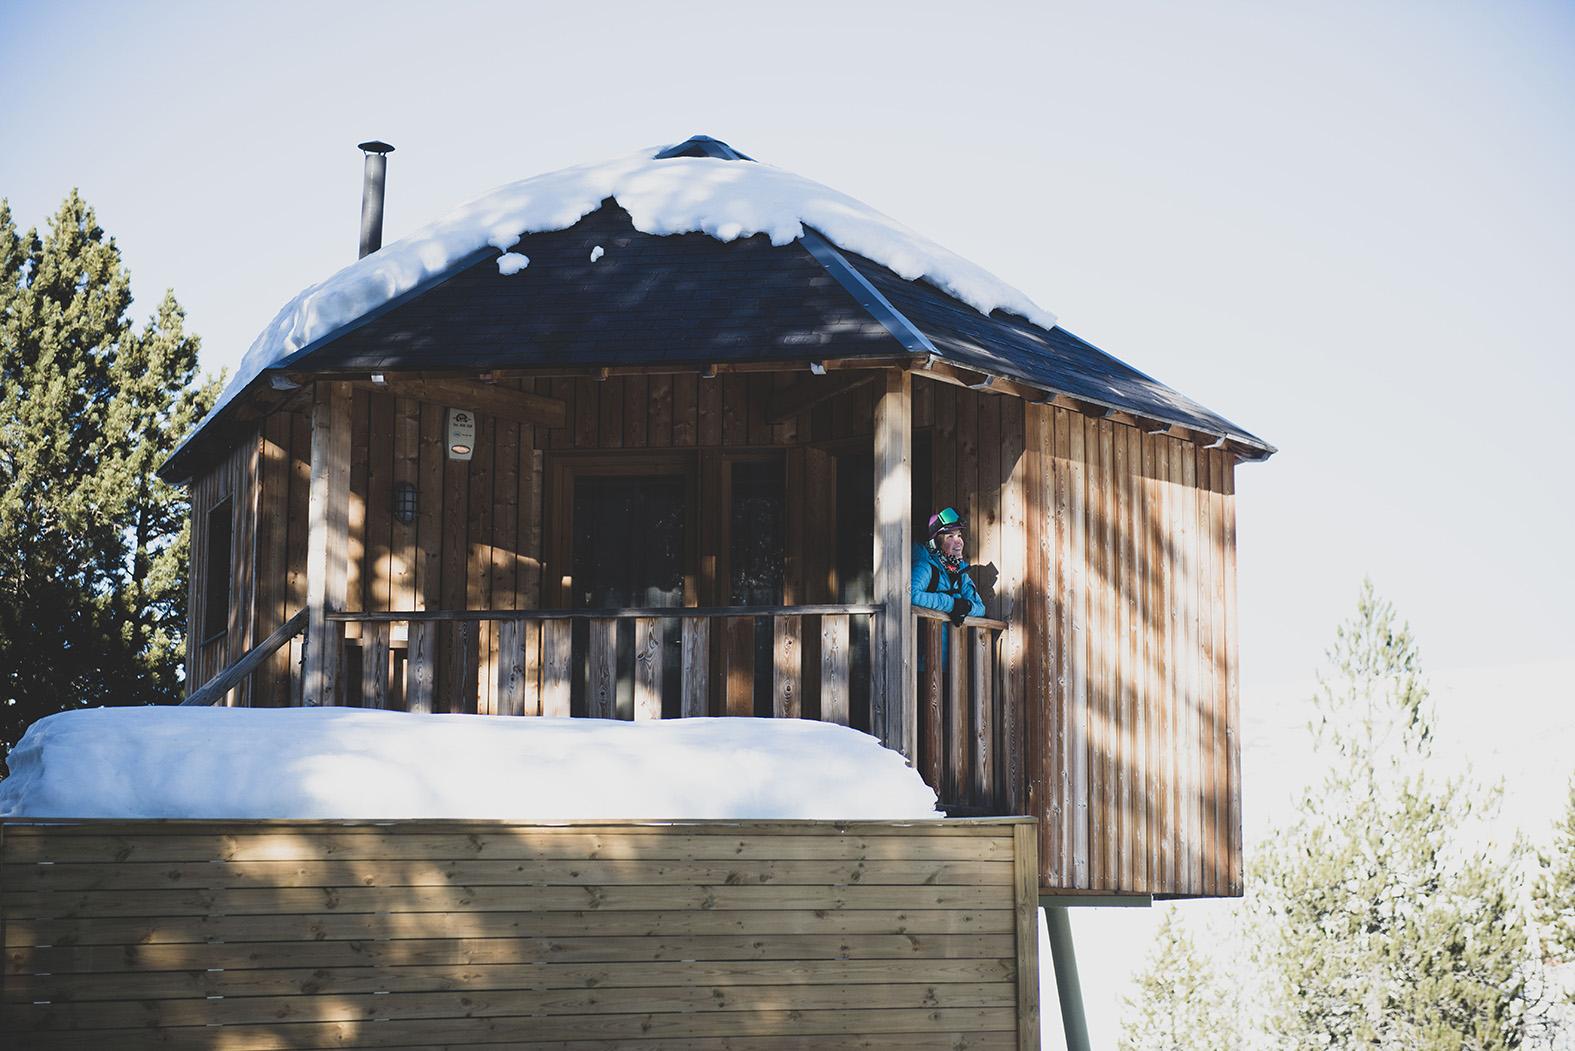 Dónde dormir en Grandvalira - Las mejores zonas y hoteles